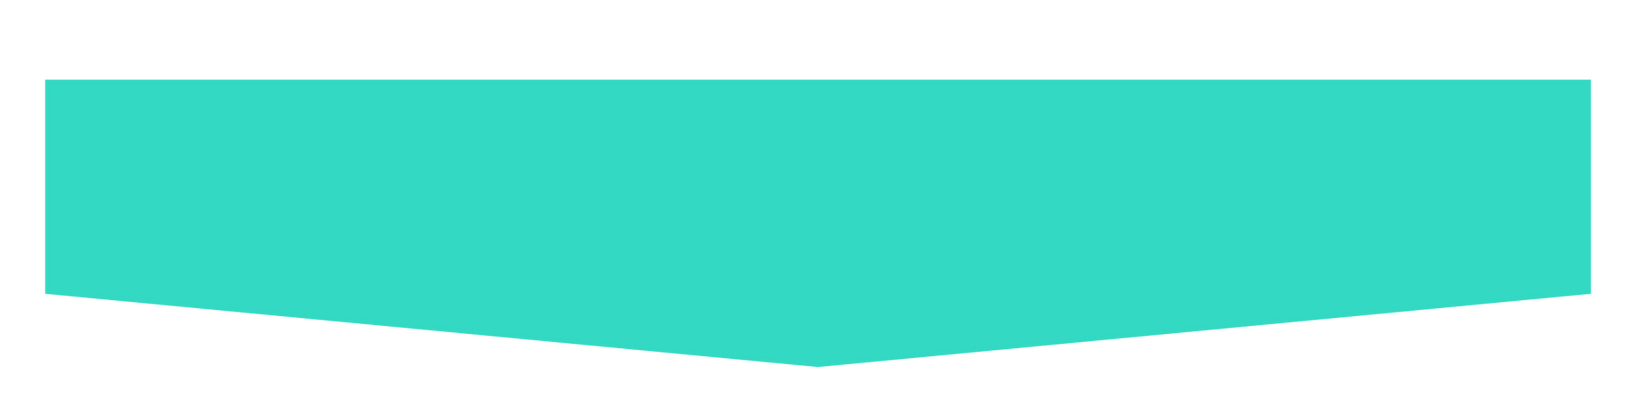 Gestaltungselement_Zeichenfläche_1_Kopi